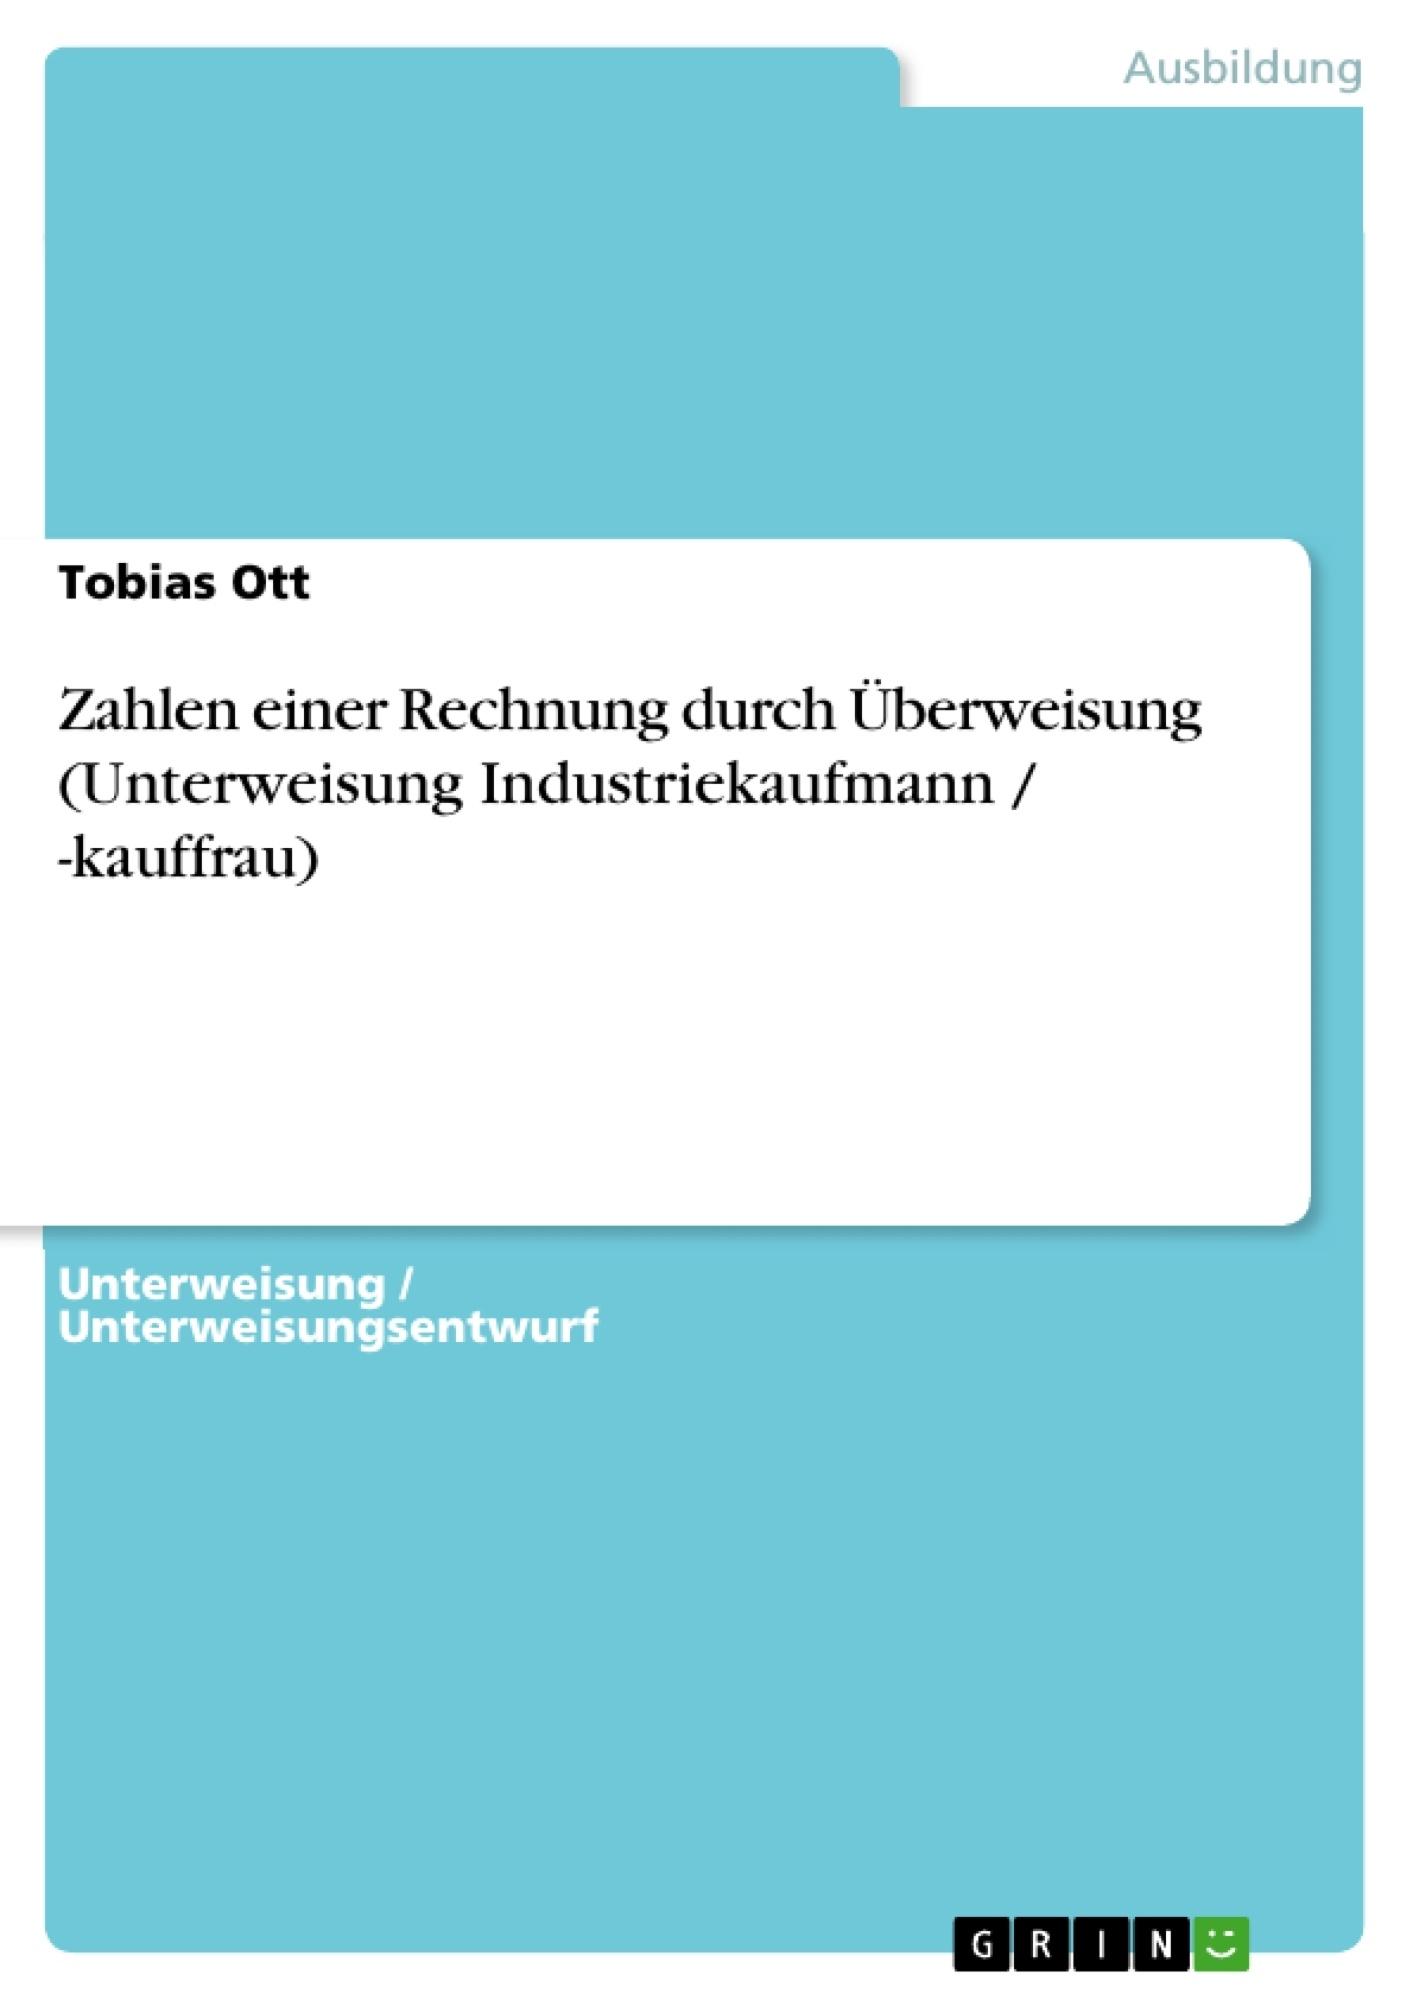 Titel: Zahlen einer Rechnung durch Überweisung (Unterweisung Industriekaufmann / -kauffrau)